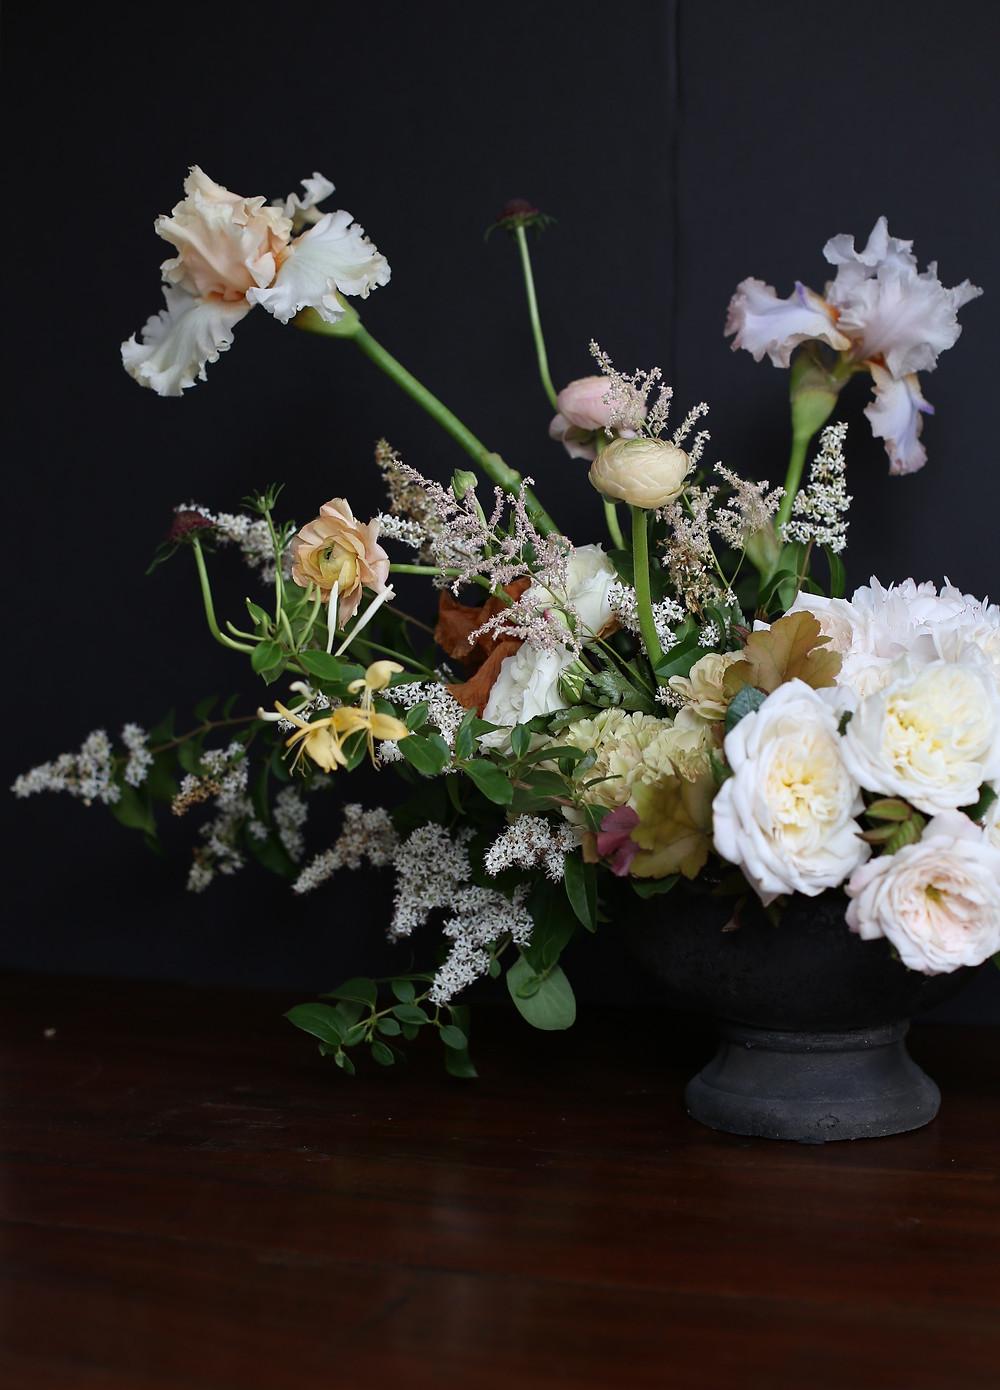 Blooms in Season